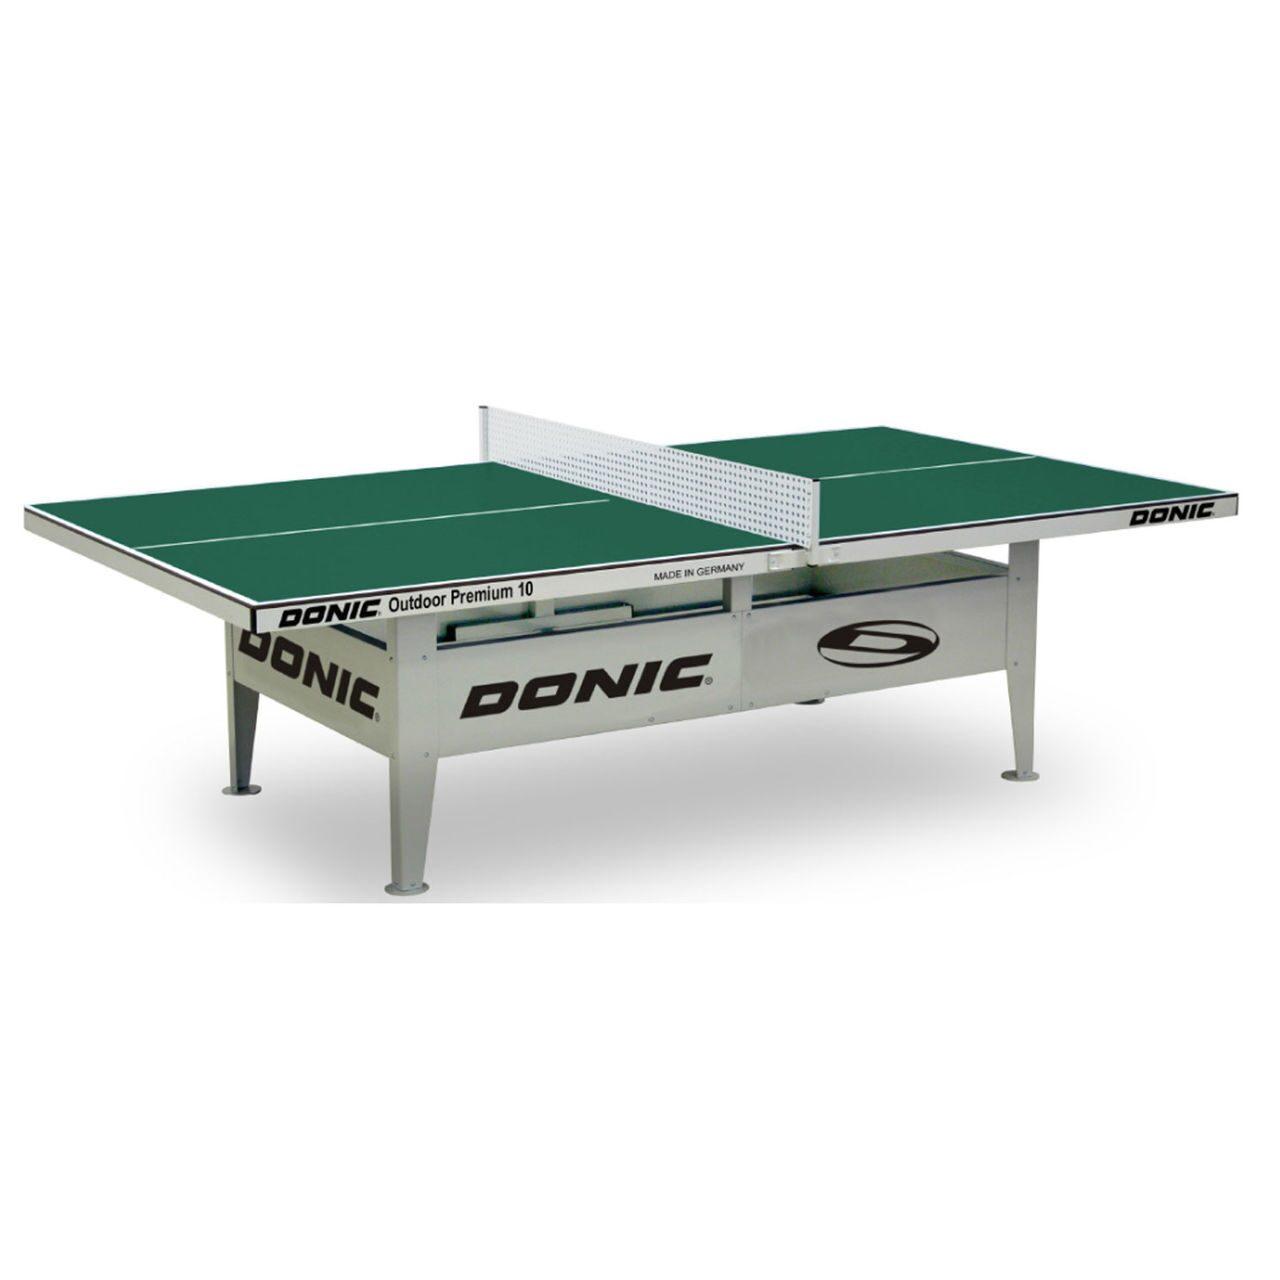 Всепогодный Теннисный стол Donic Outdoor Premium 10 зеленый 230236-G